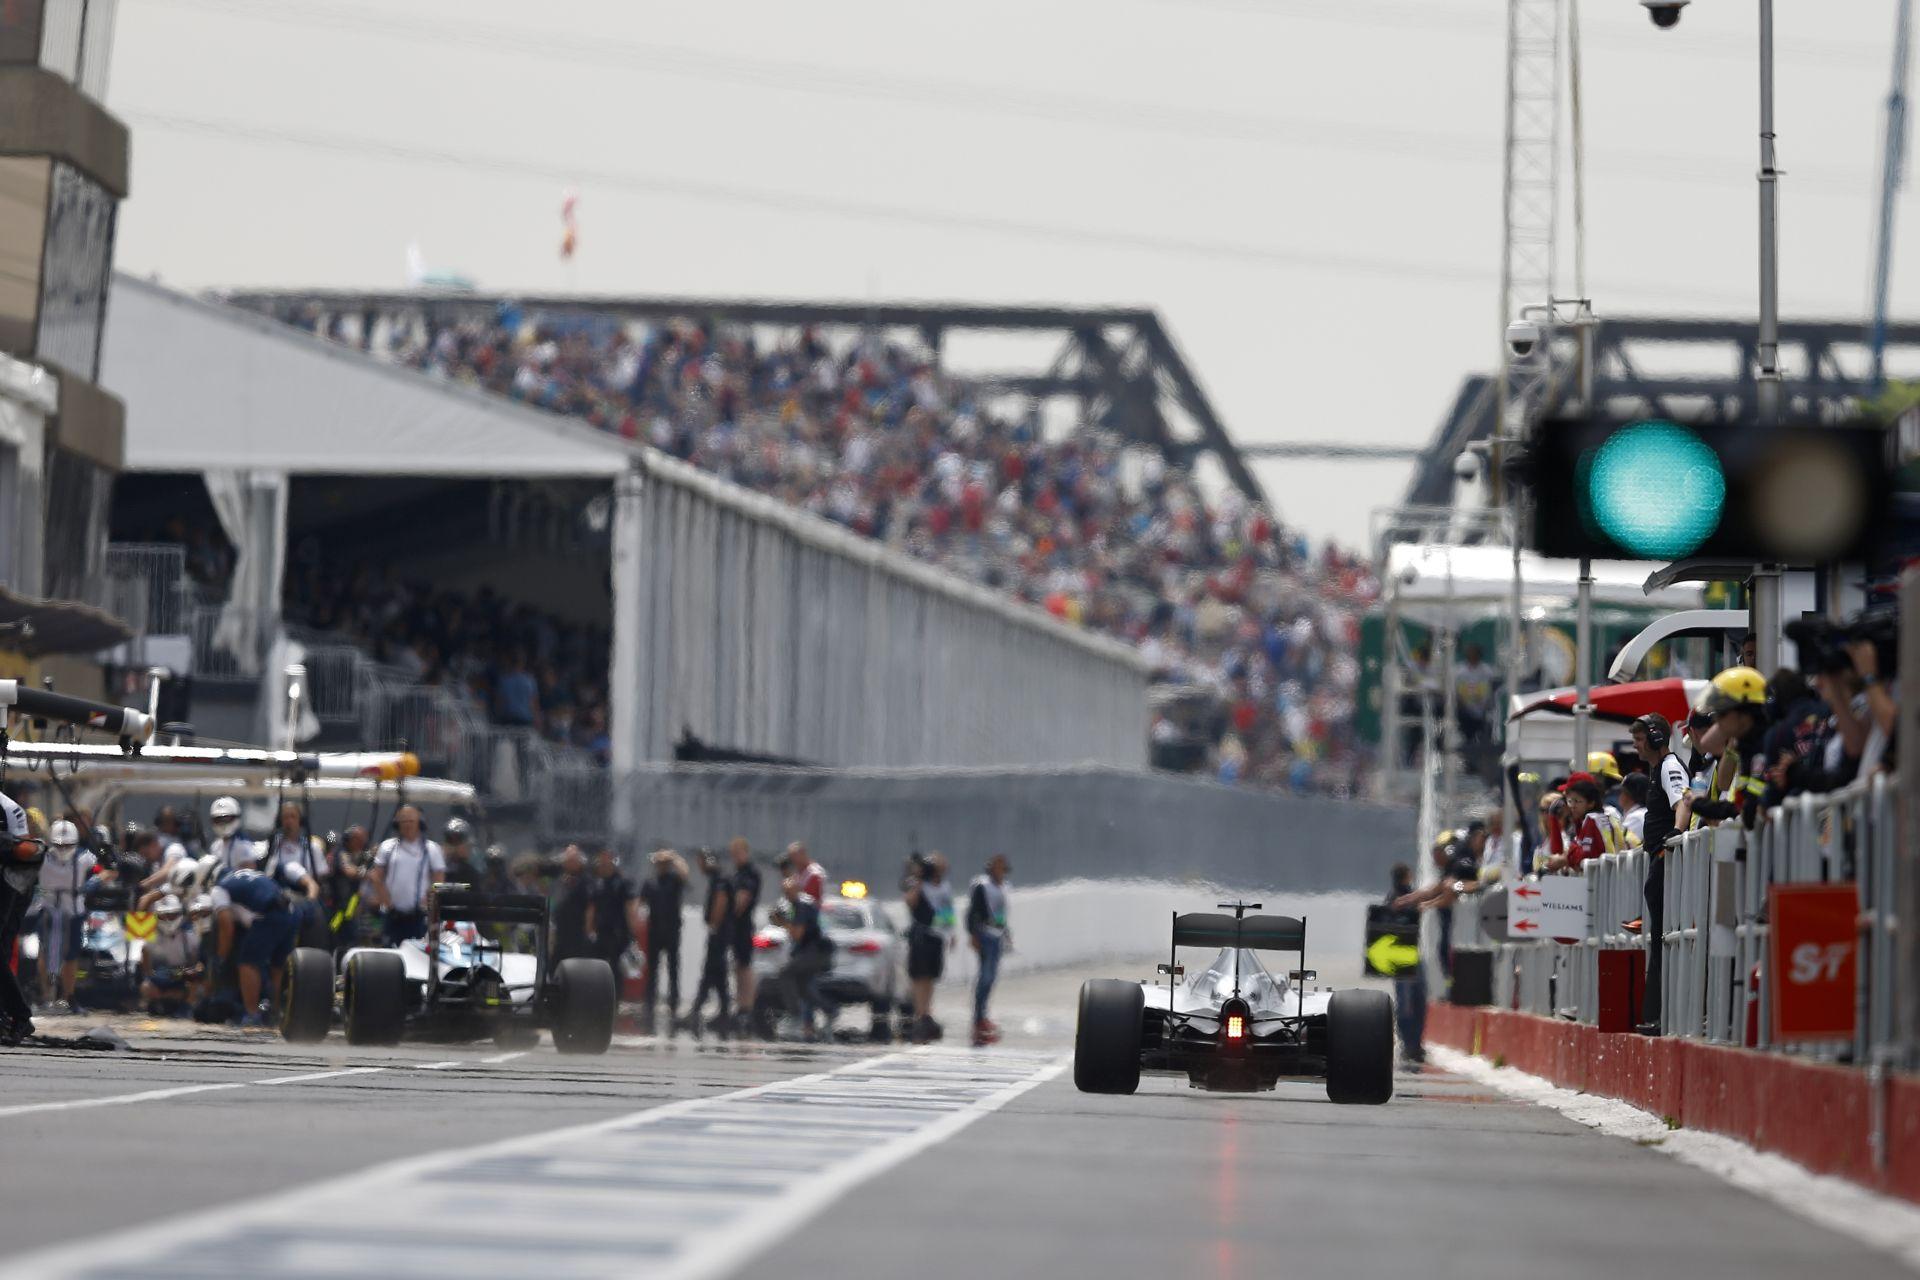 Fantasztikus alkotás az F1-es versenyzőkről Kanadában